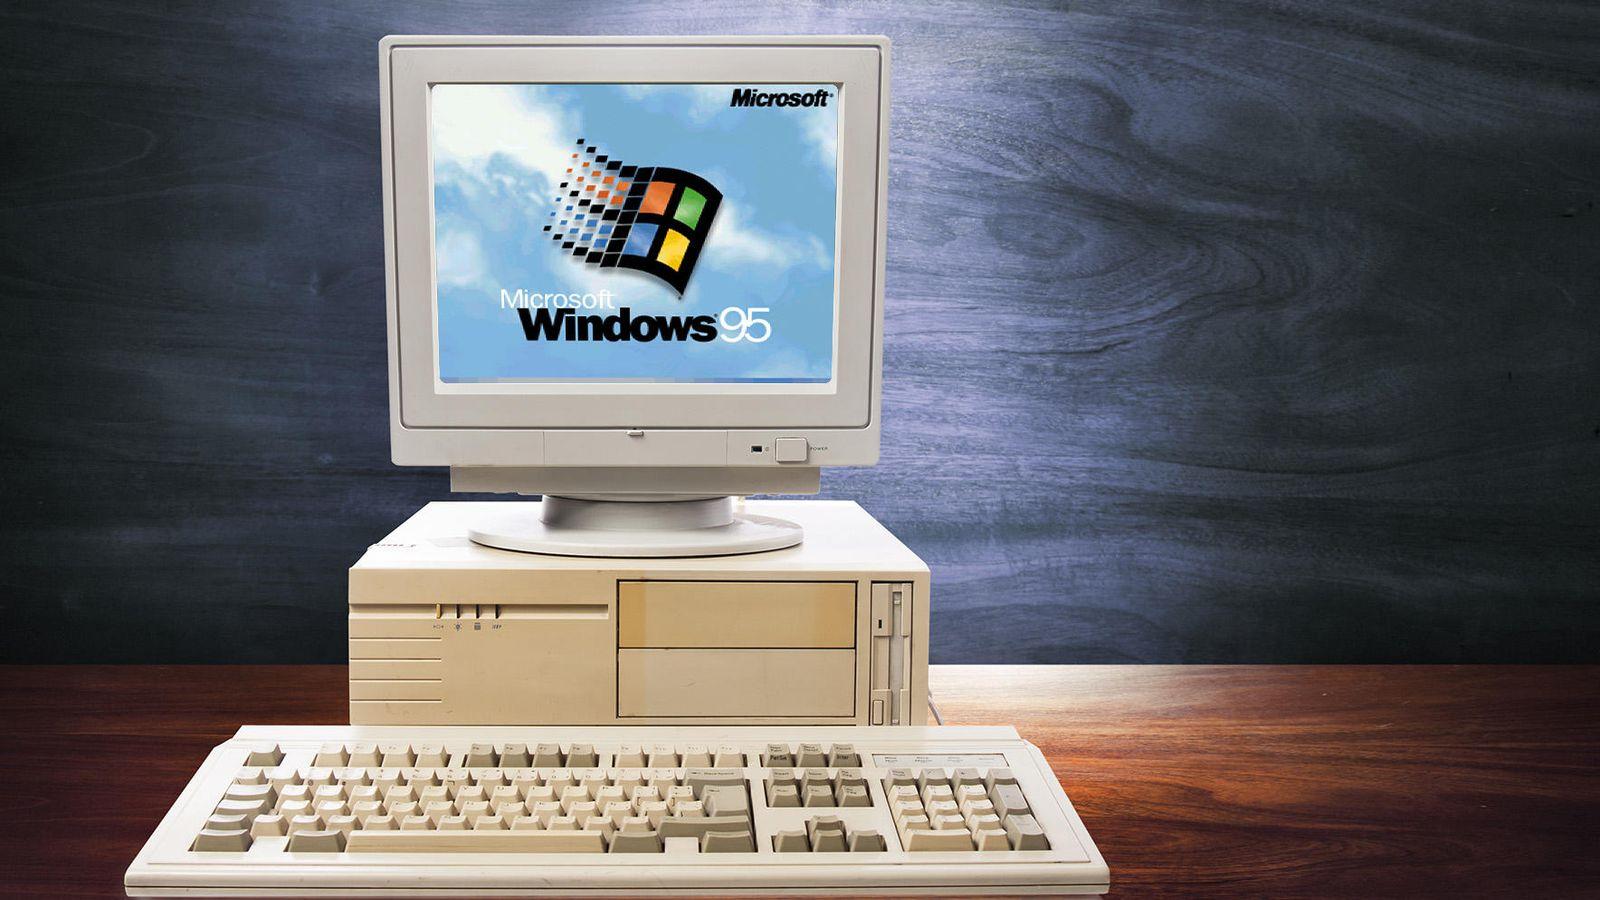 Windows 95 El Sistema Operativo Que Lo Cambio Todo Cumple 20 Anos